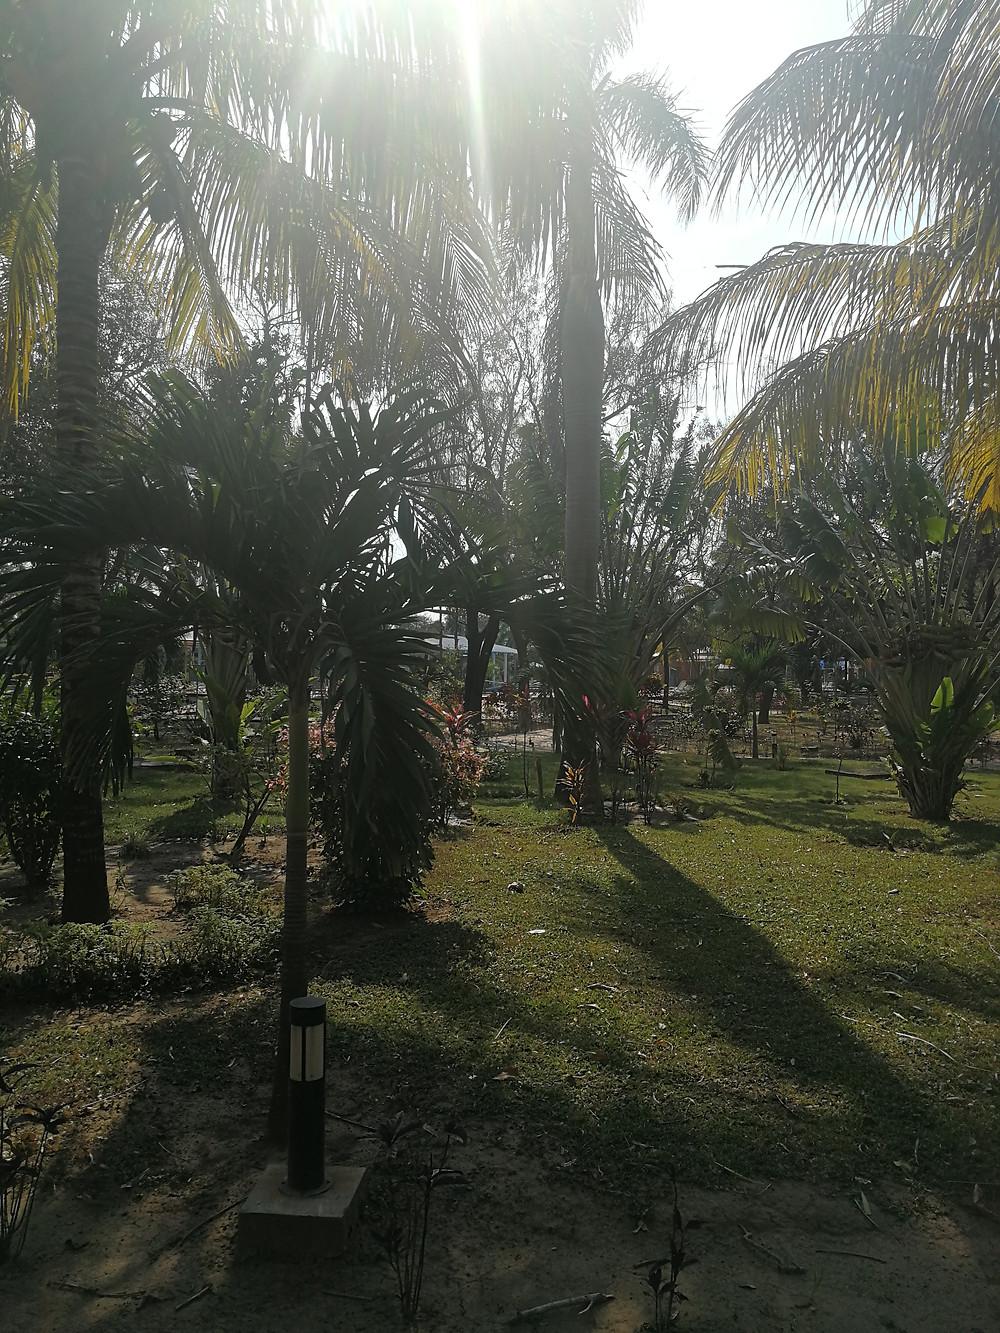 Zu sehen ist eine Grünfläche mit vielen Palmen drauf, durch die die Sonne durch scheint.